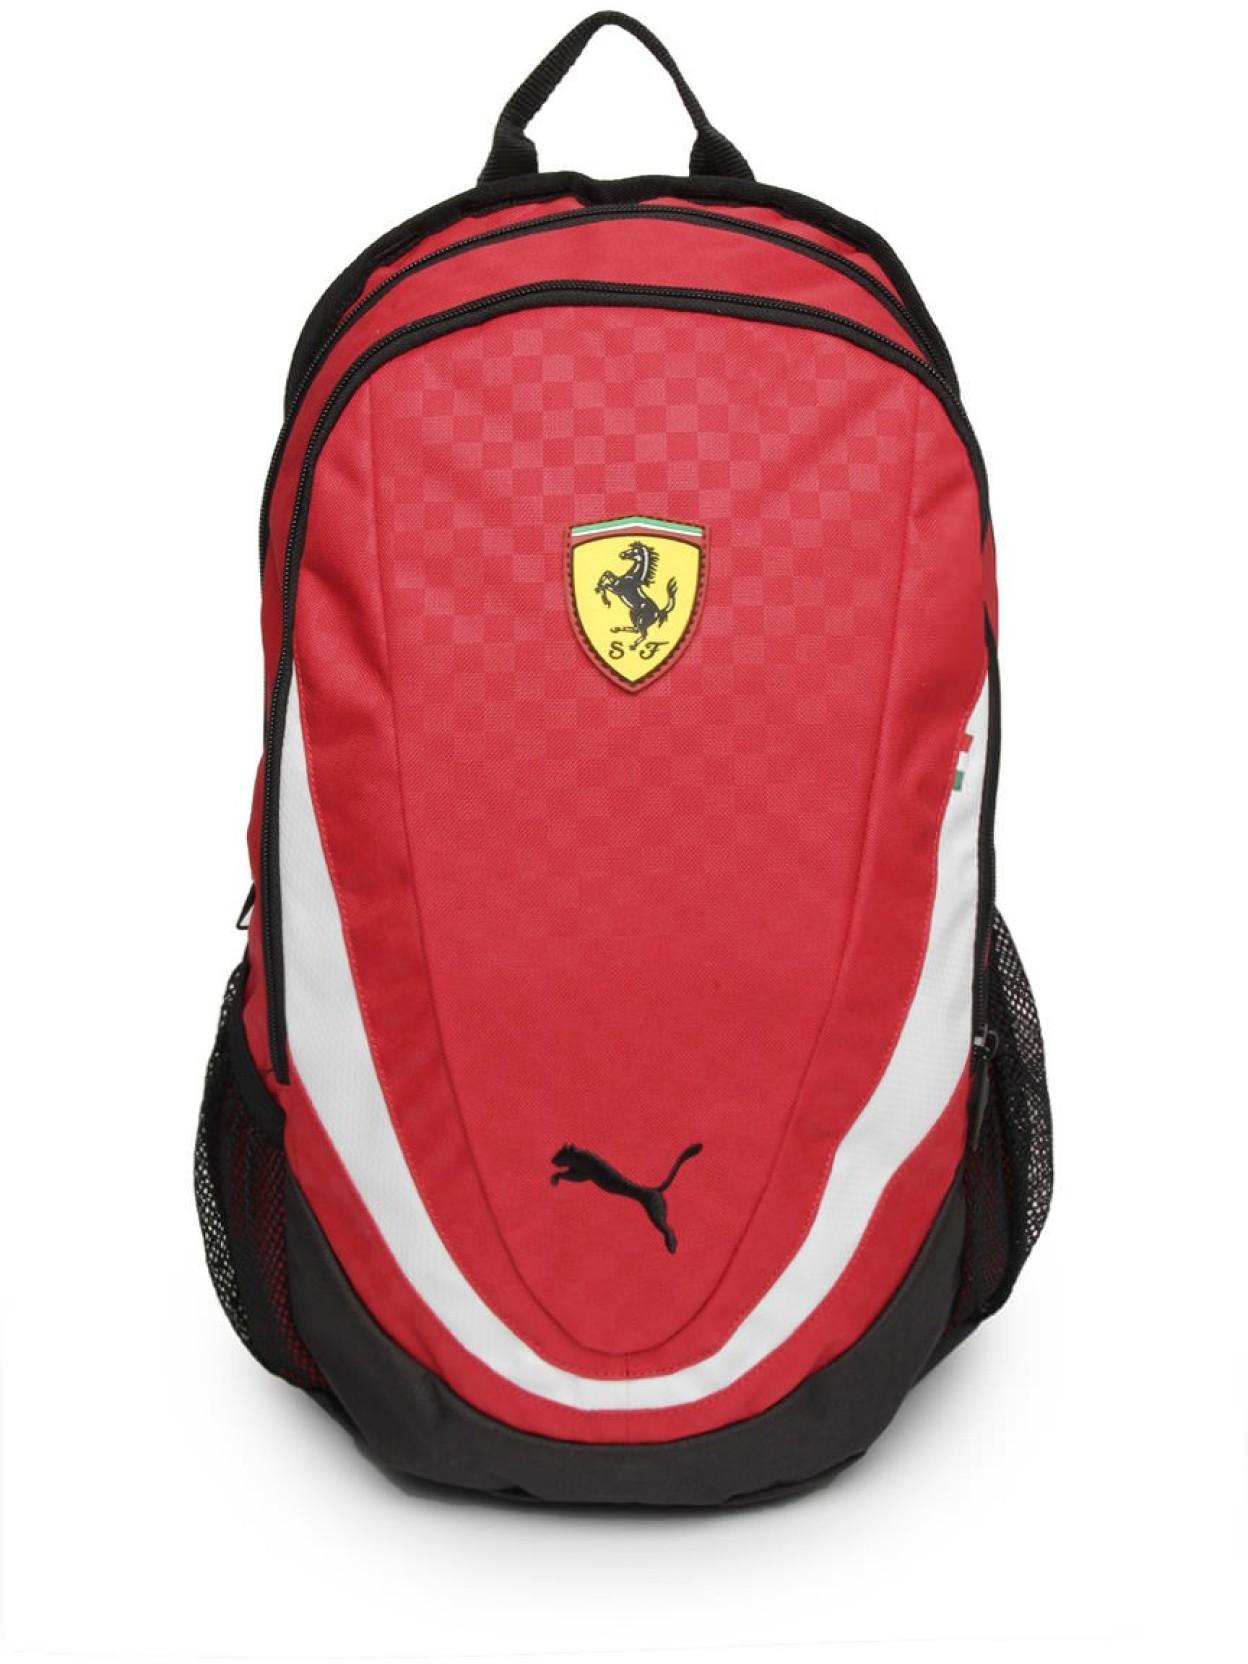 Puma Ferrari Replica Large Backpack Red - Price in India  53144a1b3fd32